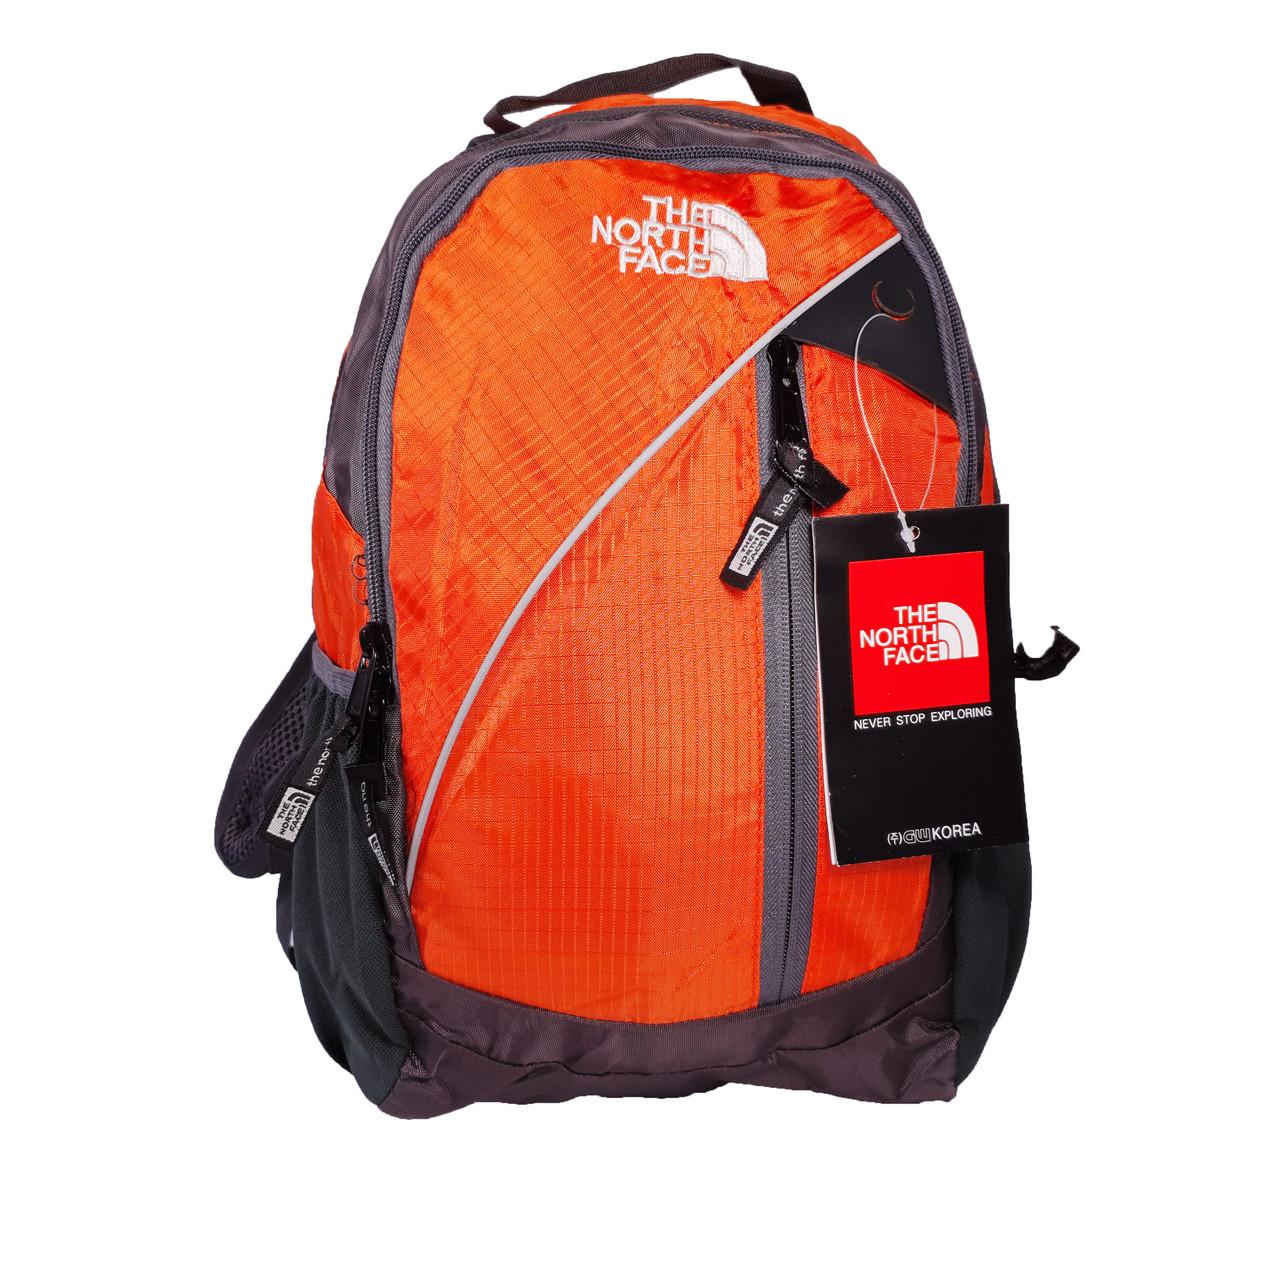 Спортивный рюкзак The North Face, РАСПРОДАЖА